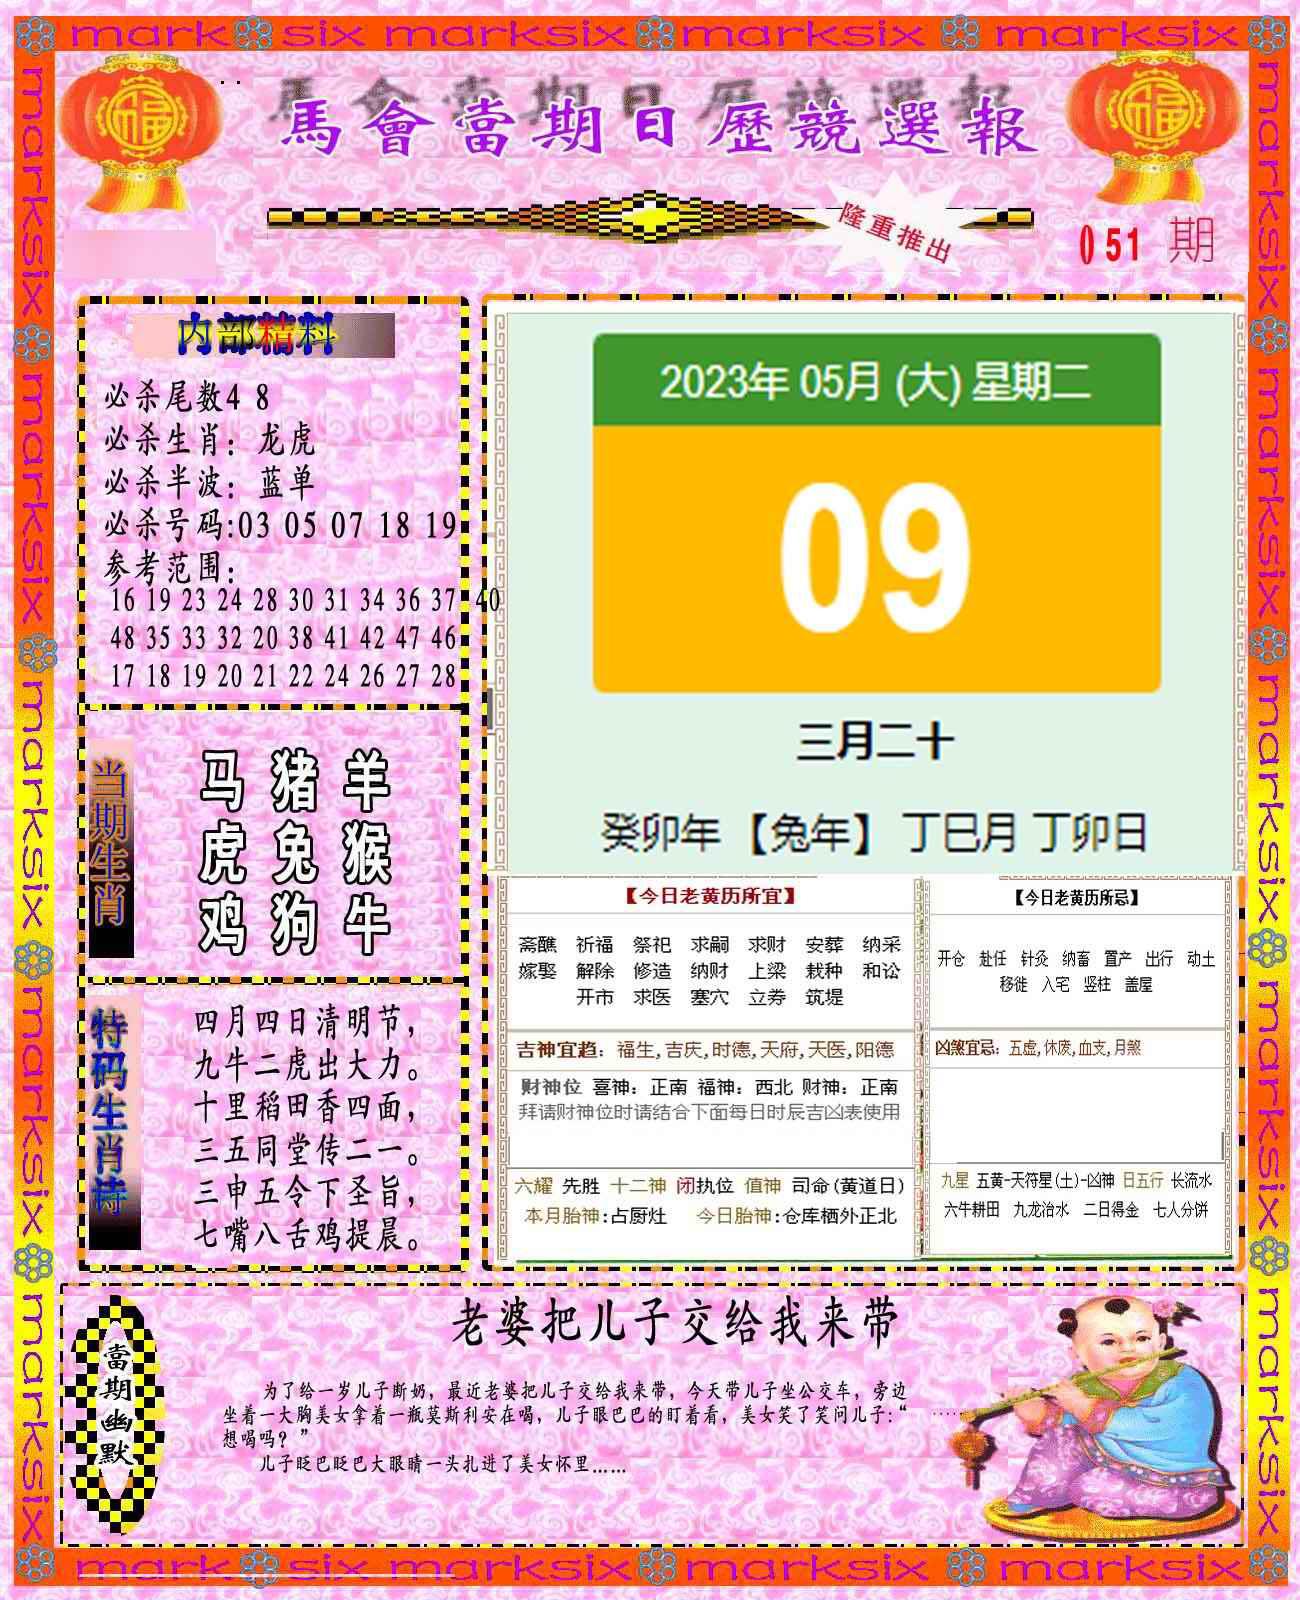 051期日历精选报(彩)